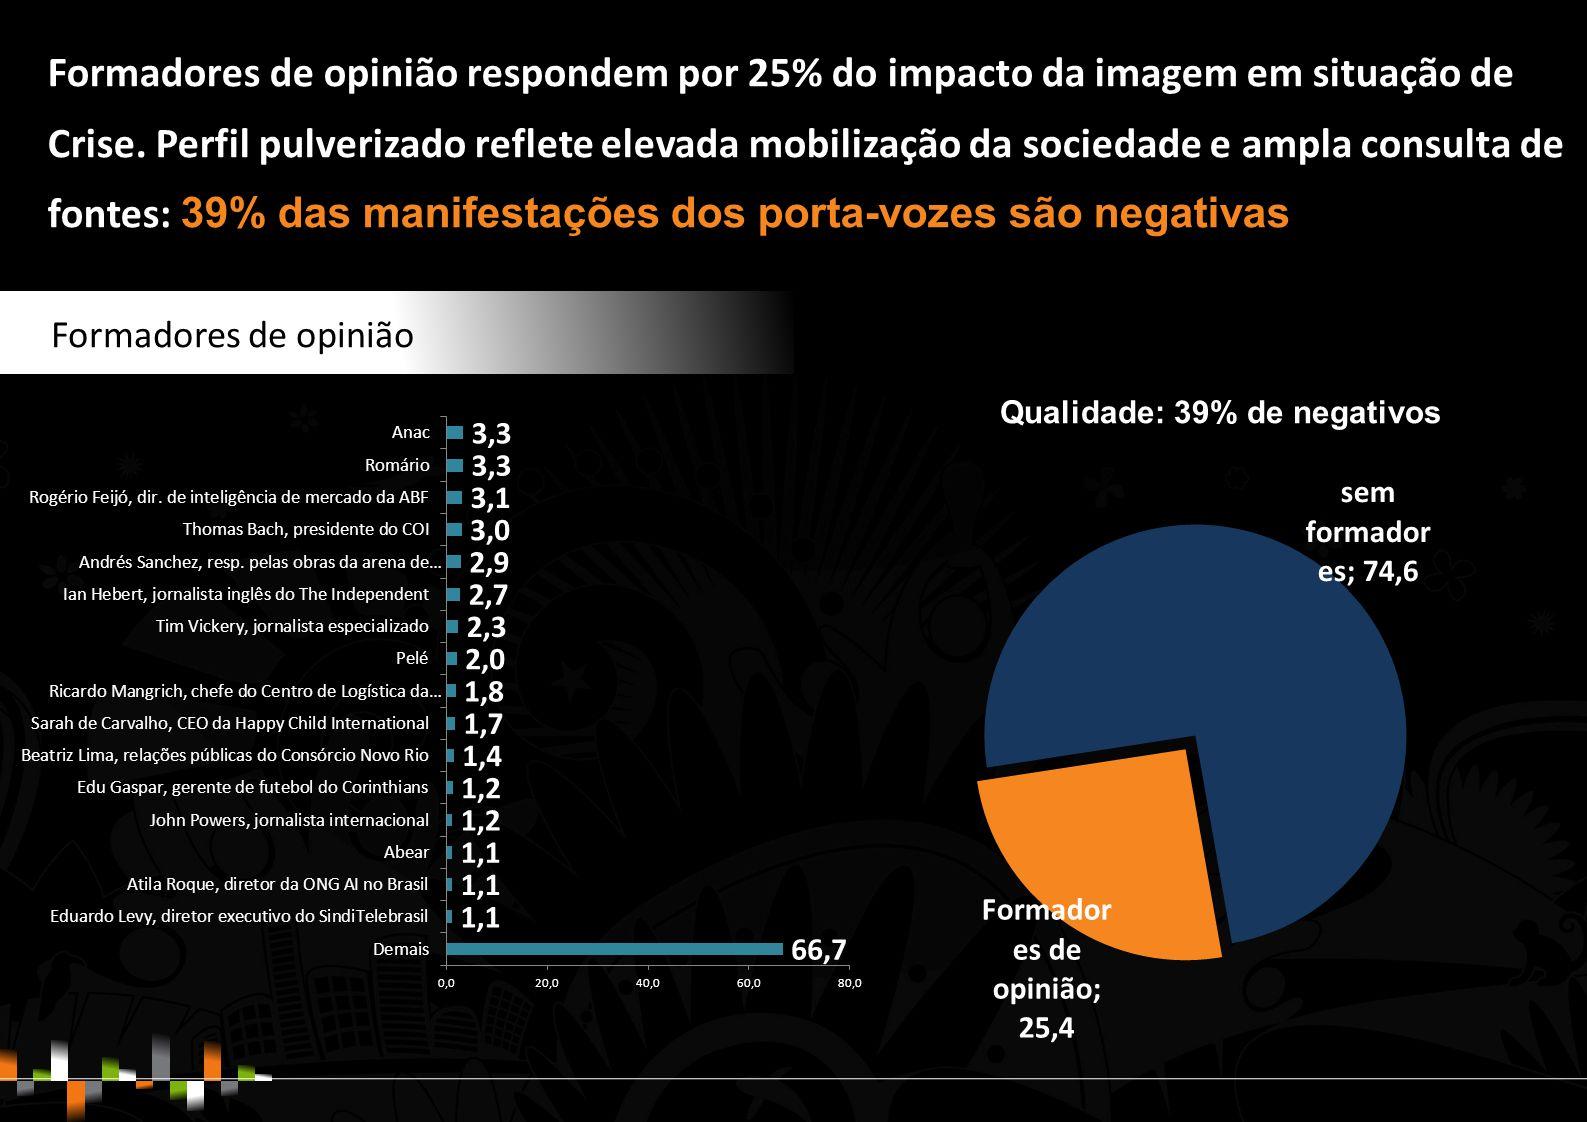 Formadores de opinião Formadores de opinião respondem por 25% do impacto da imagem em situação de Crise.